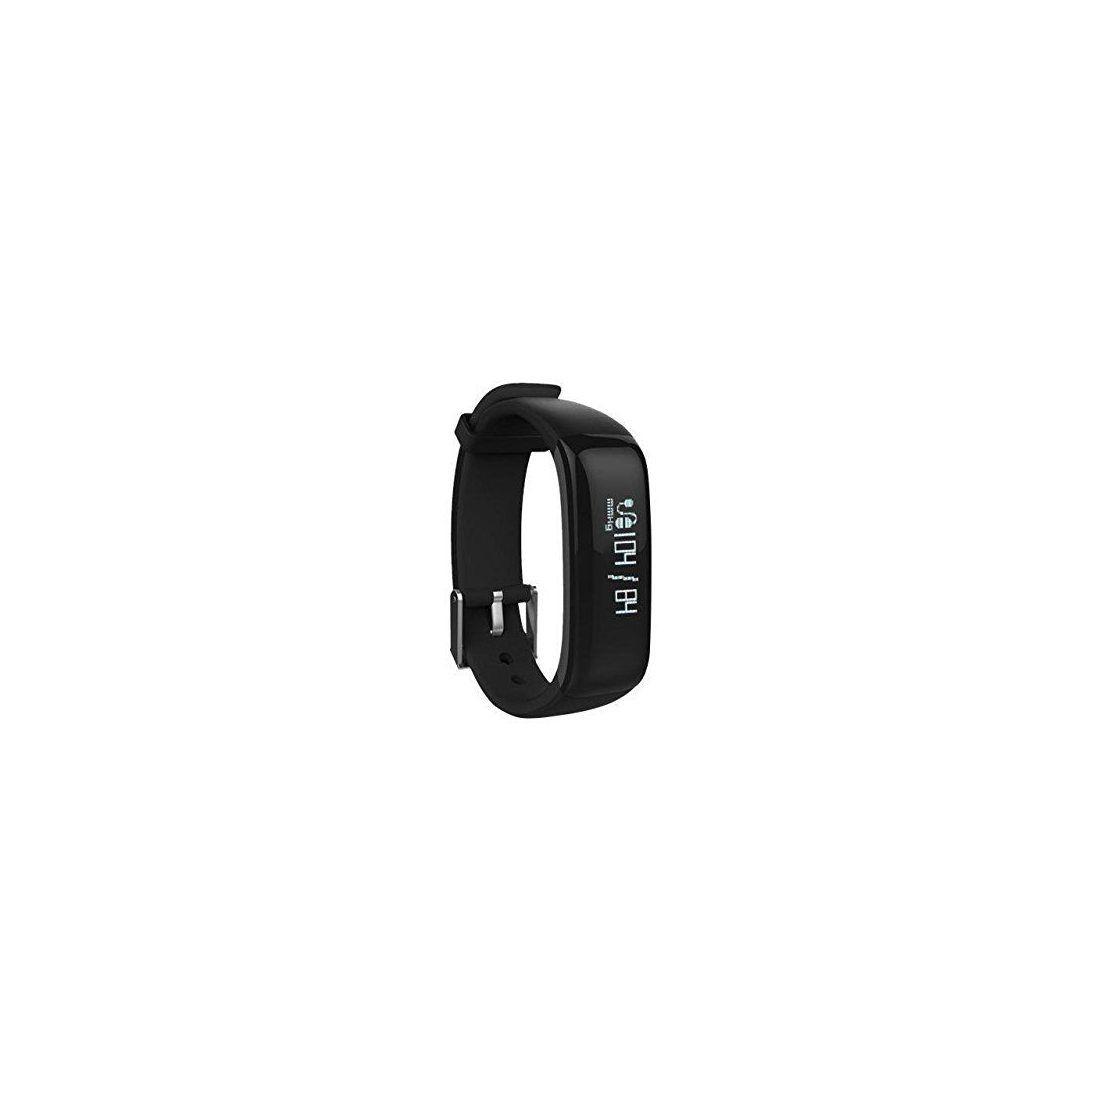 WEE'PLUG Bracelet sport connecté Bluetooth SB18 NOIR